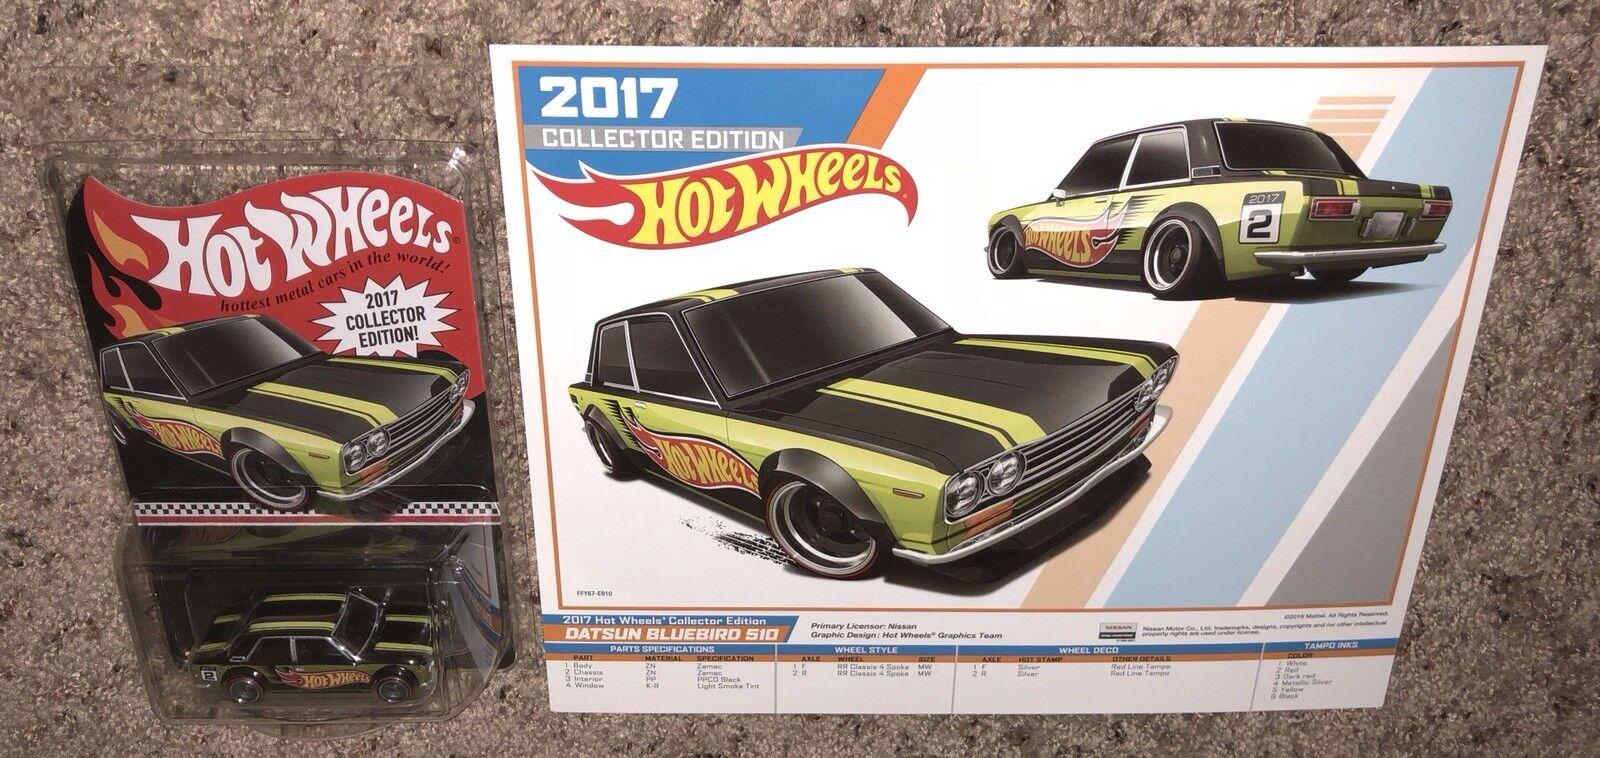 hasta un 50% de descuento Hot Wheels 2016 Datsun azulbird 510 510 510 con K-day event Cochetel Kmart correo en     venta